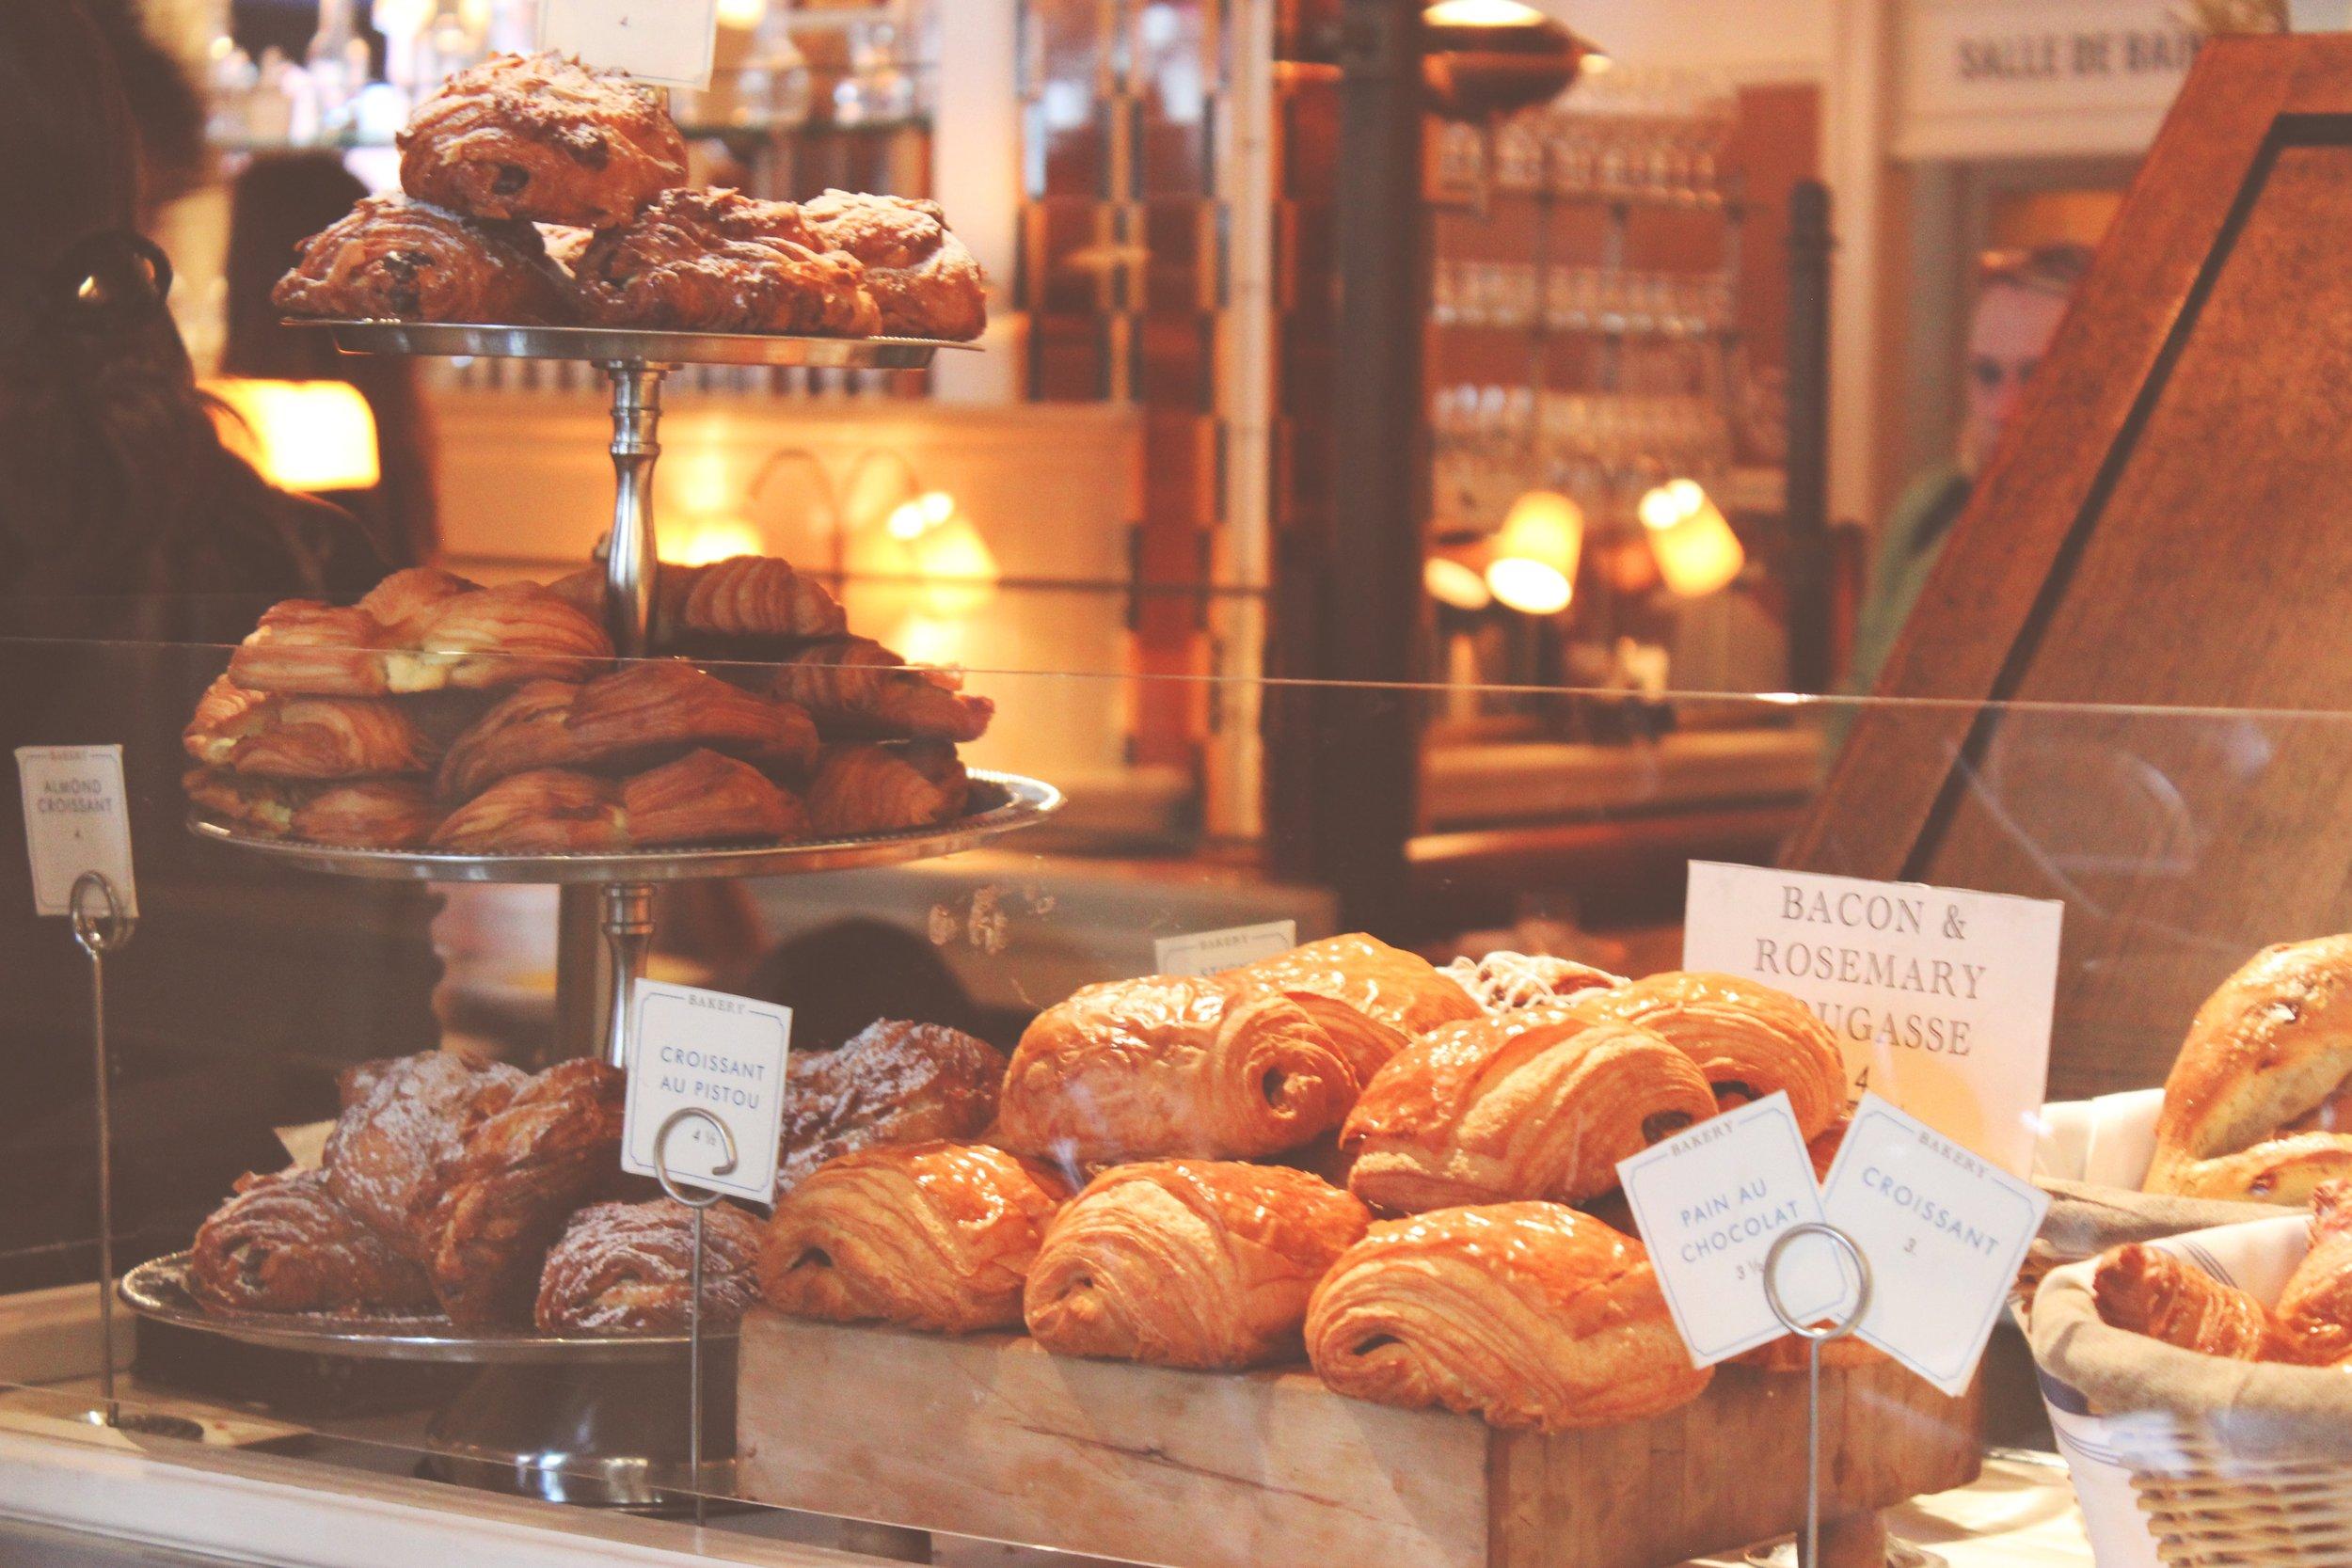 baked-goods-bakery-bread-192933.jpg